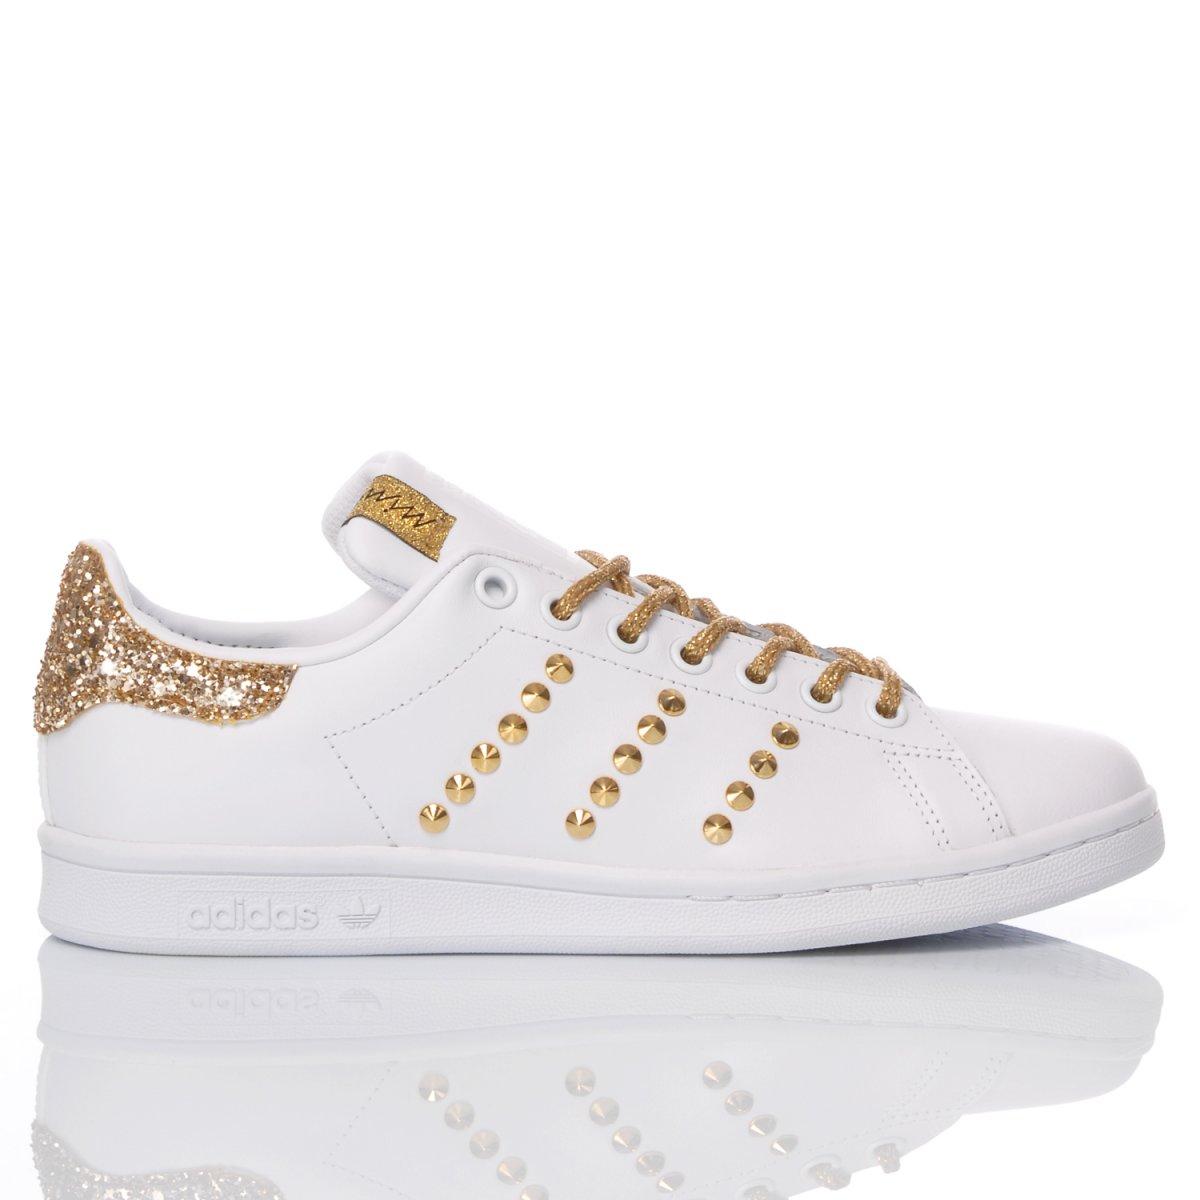 Adidas Stan Smith Golden